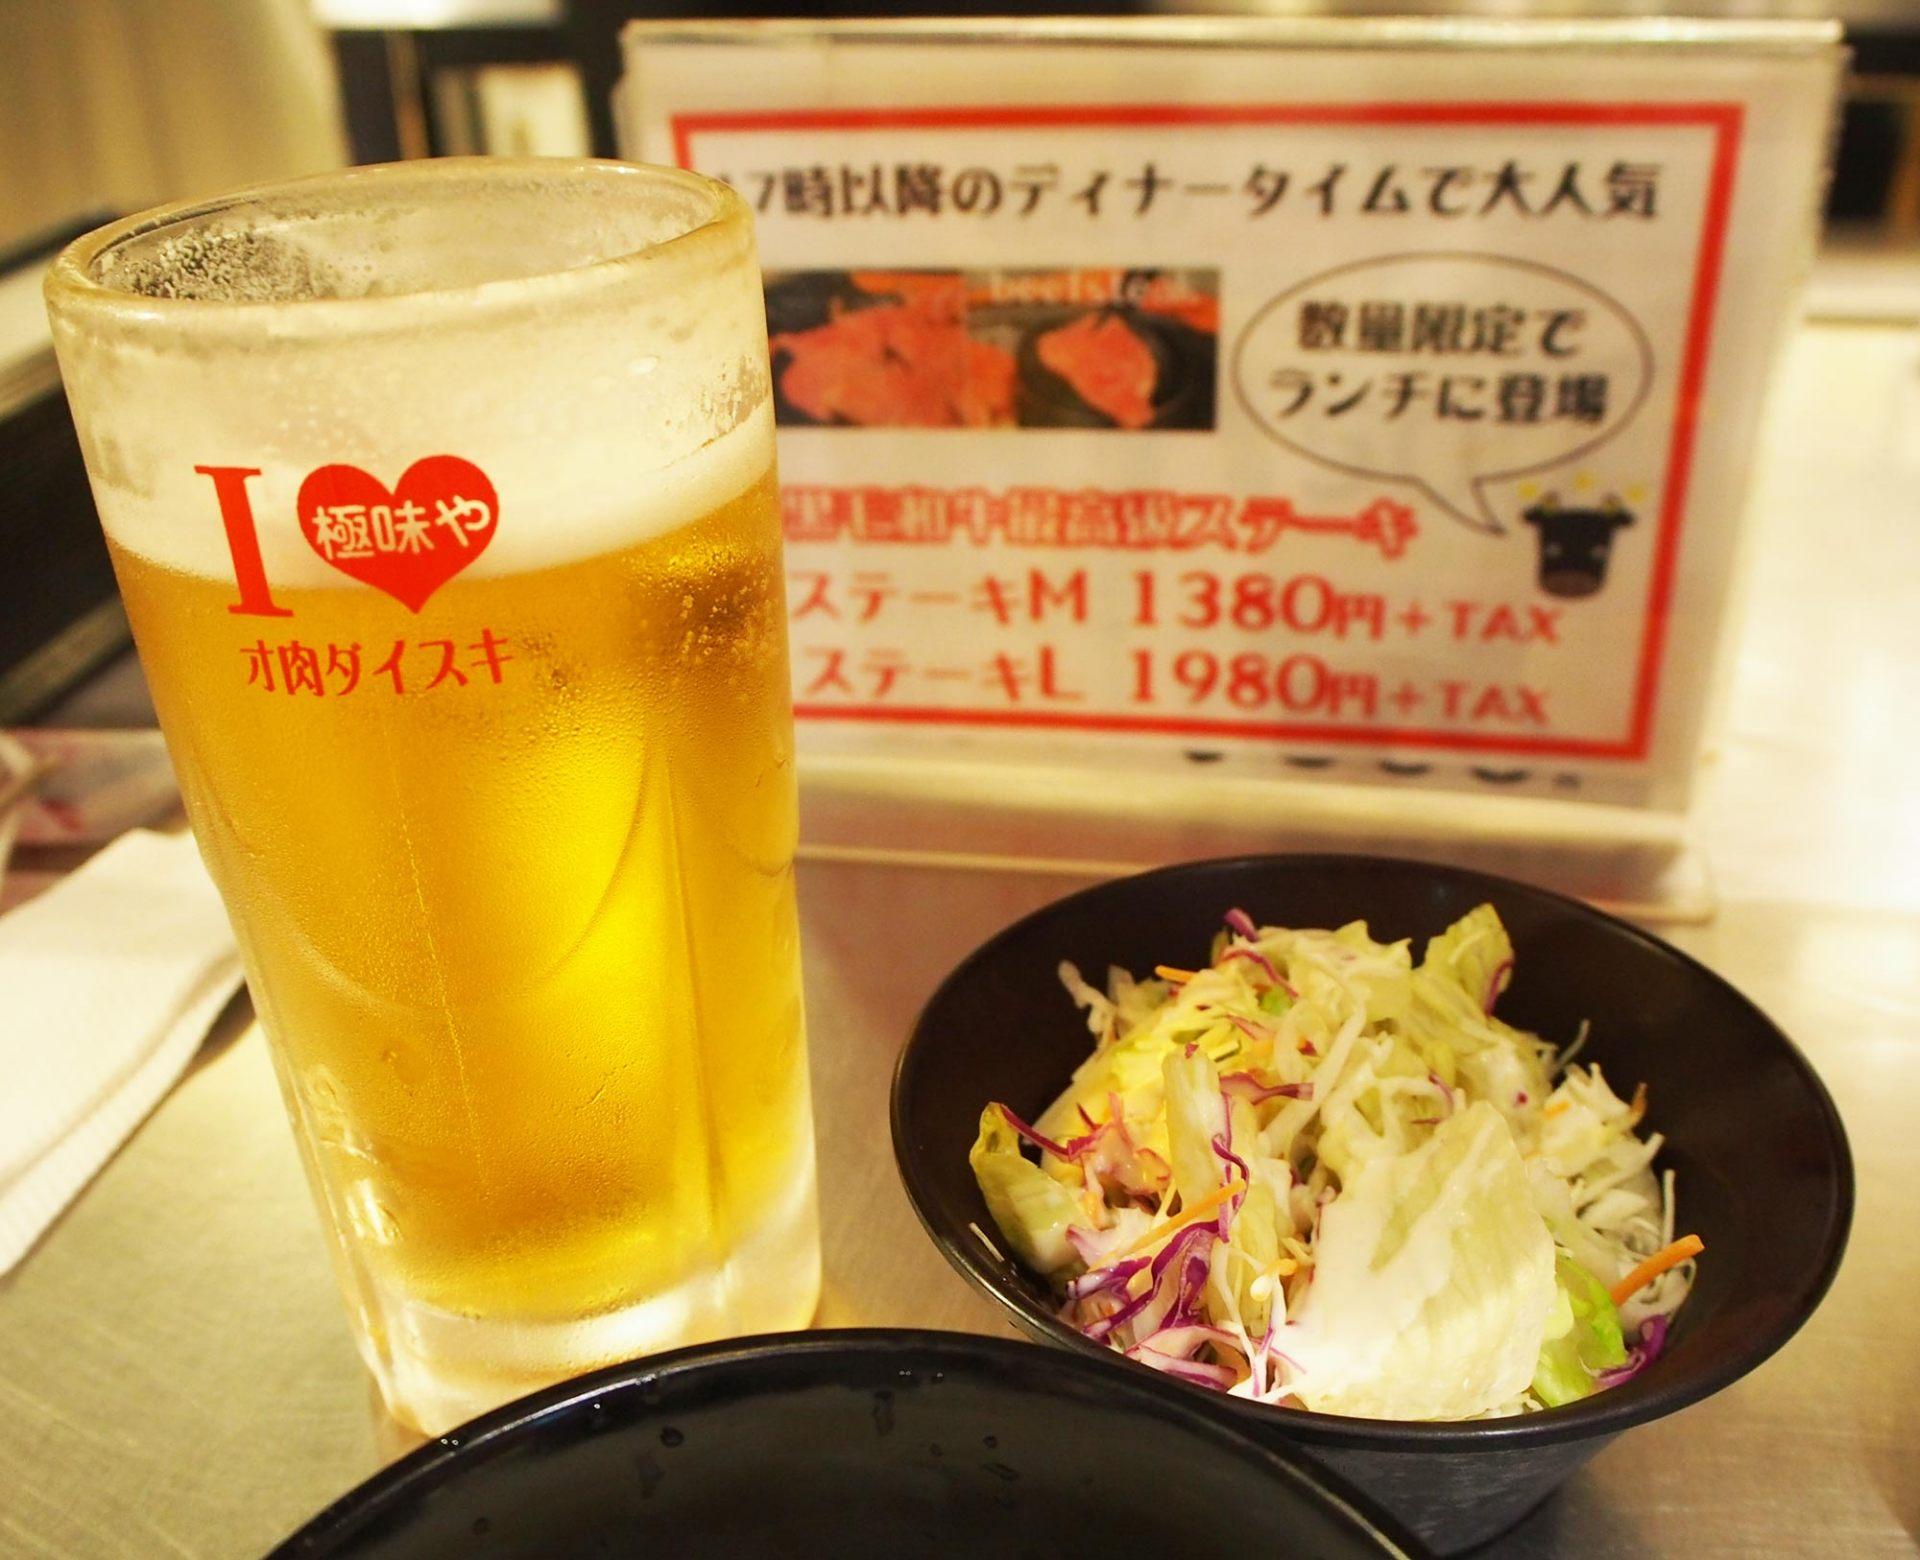 生啤(中 480日圆)